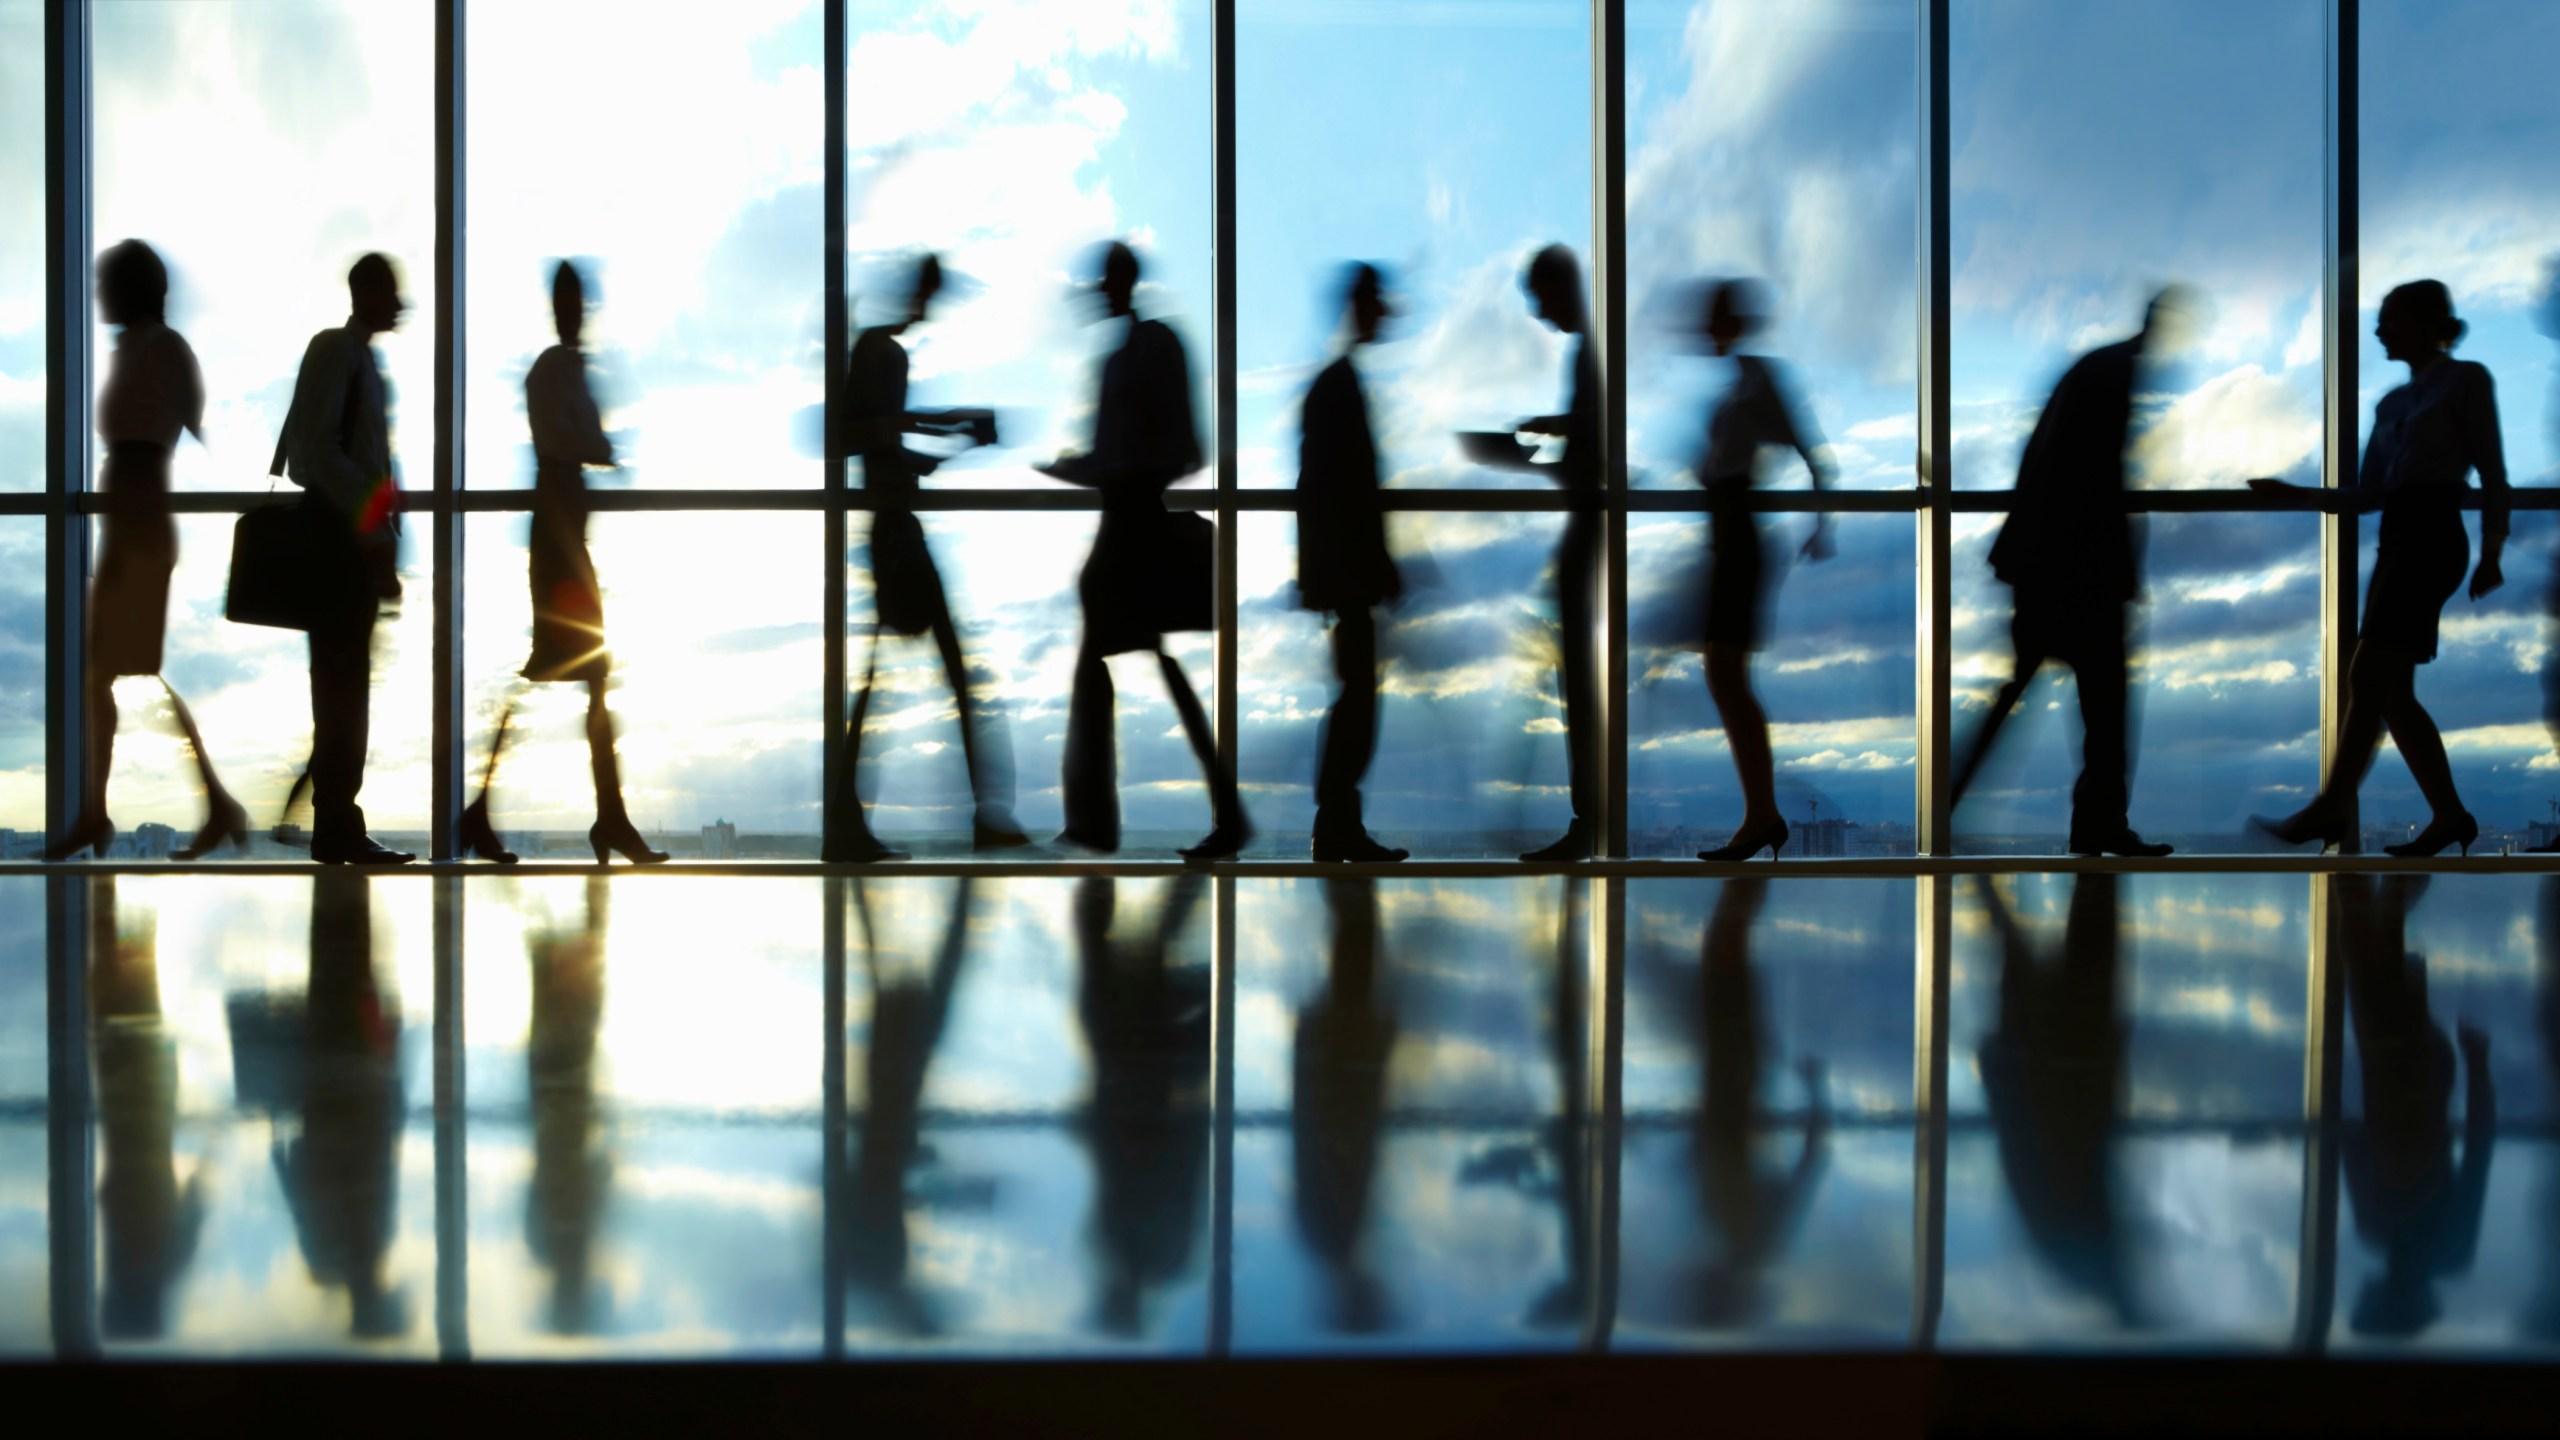 U.S. employers add 217,000 jobs, rate stays at 6.3percent